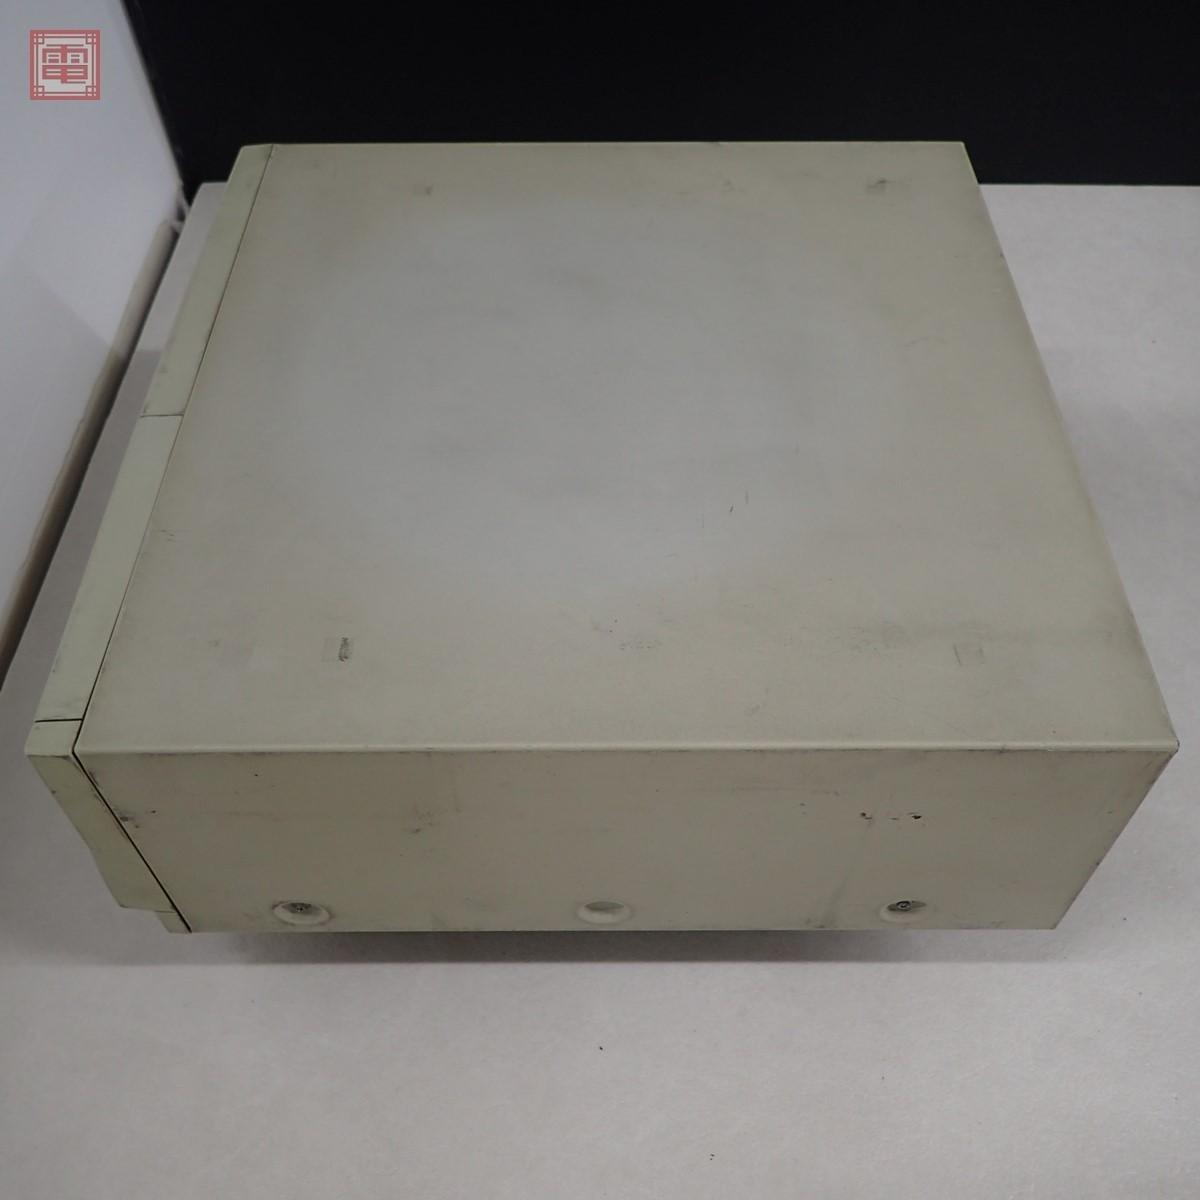 NEC PC-9821Xb10/8P 本体 日本電気 パーツ取りにどうぞ【40_画像6